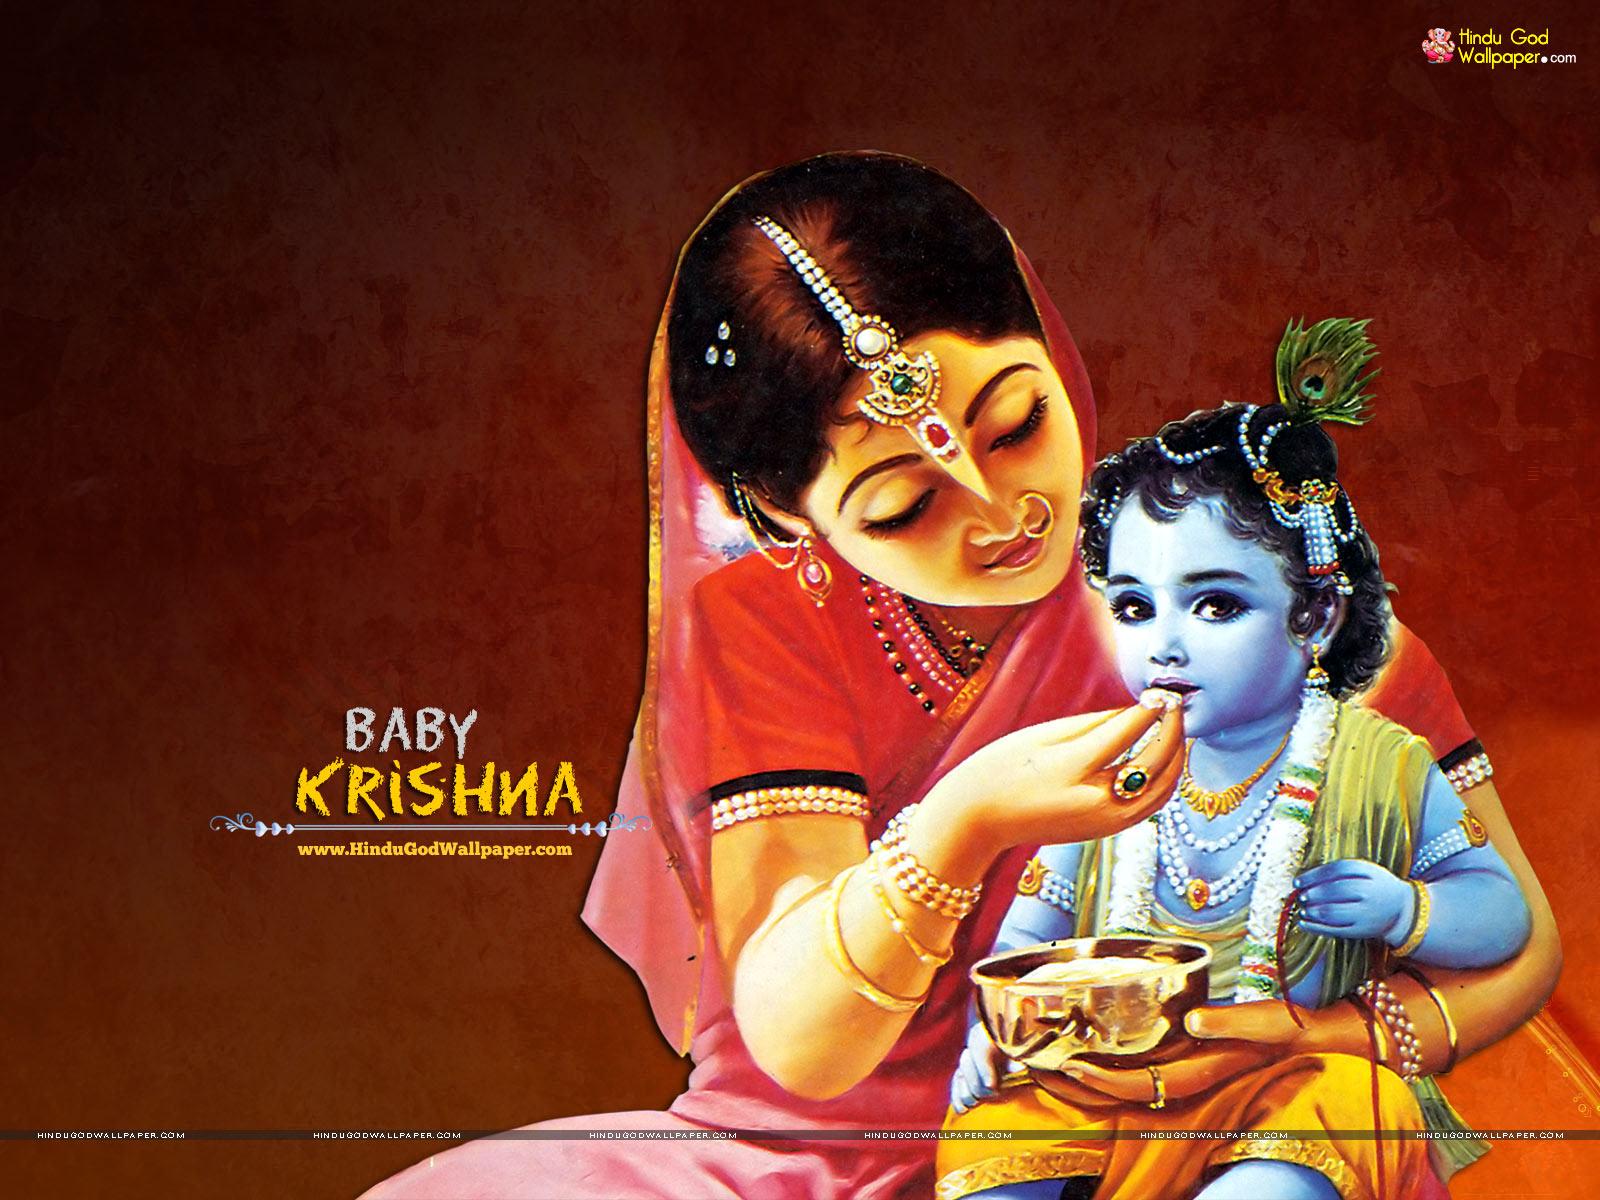 ISKCON Baby Krishna Wallpapers Free Download Images